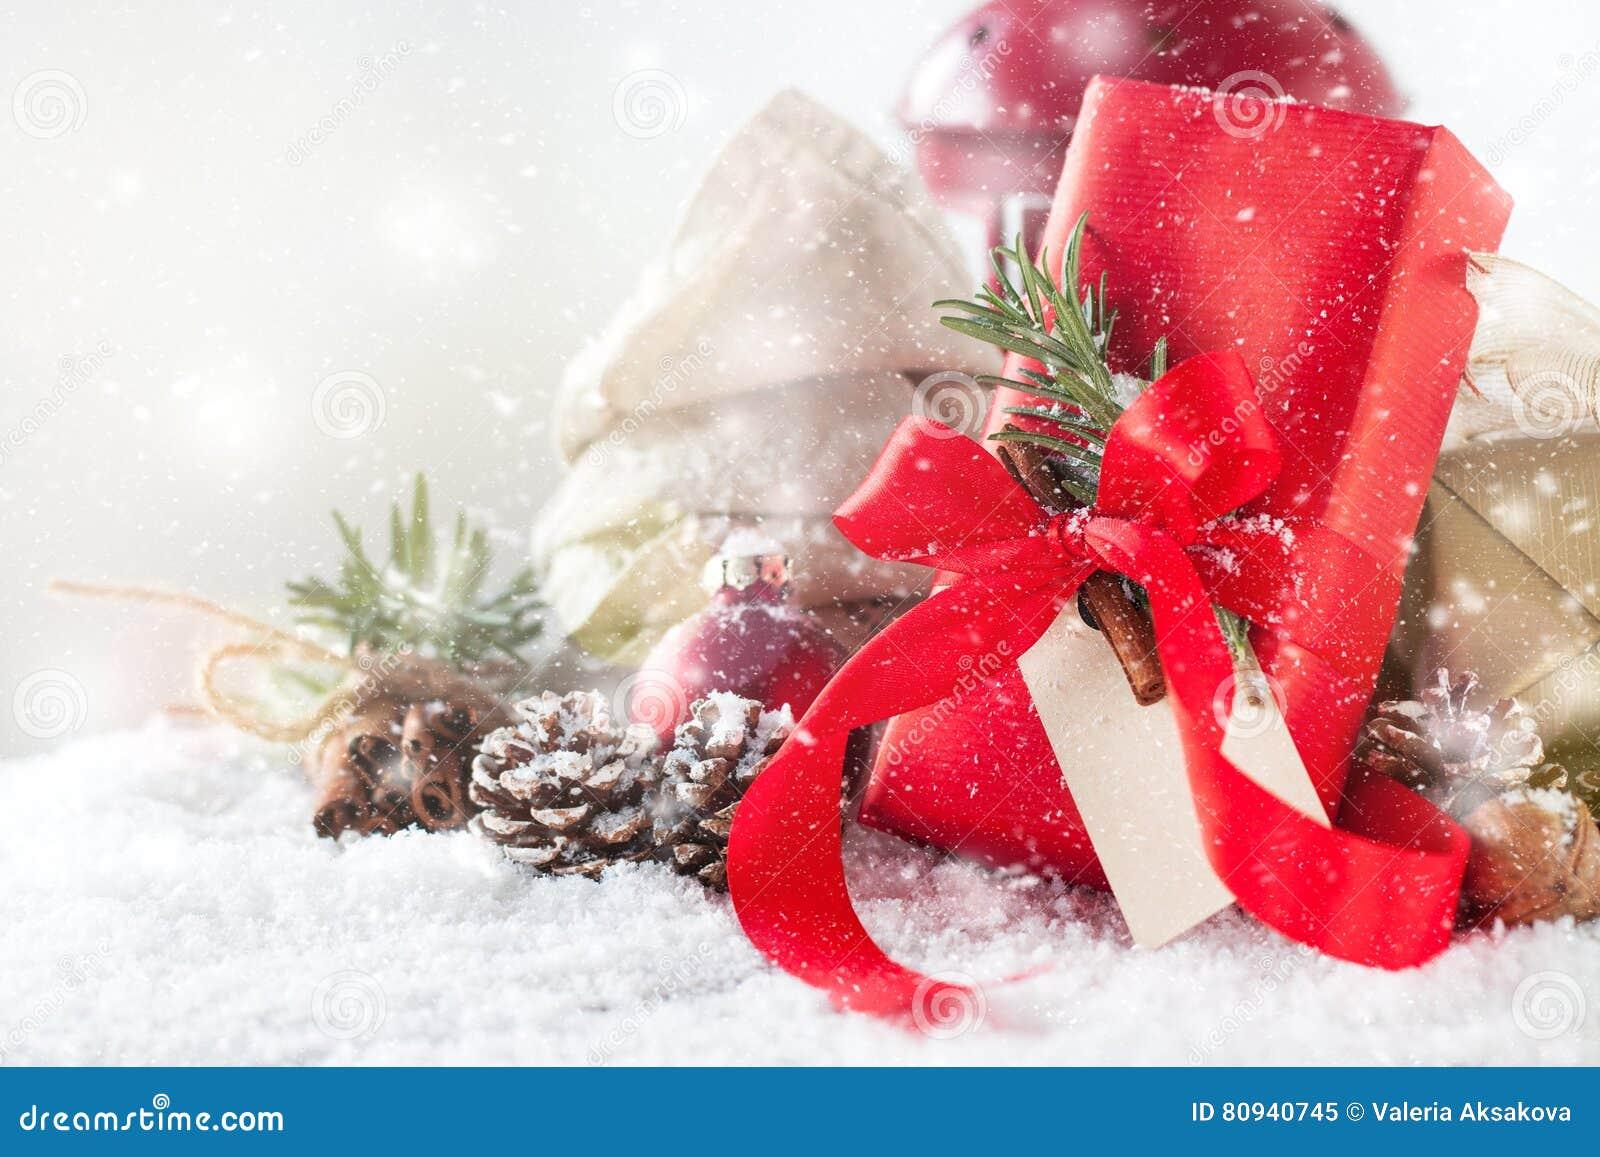 Regali Di Natale Eleganti.Regali Di Natale O Regali Con La Decorazione Elegante Di Natale E Dell Arco Immagine Stock Immagine Di Candela Disegno 80940745